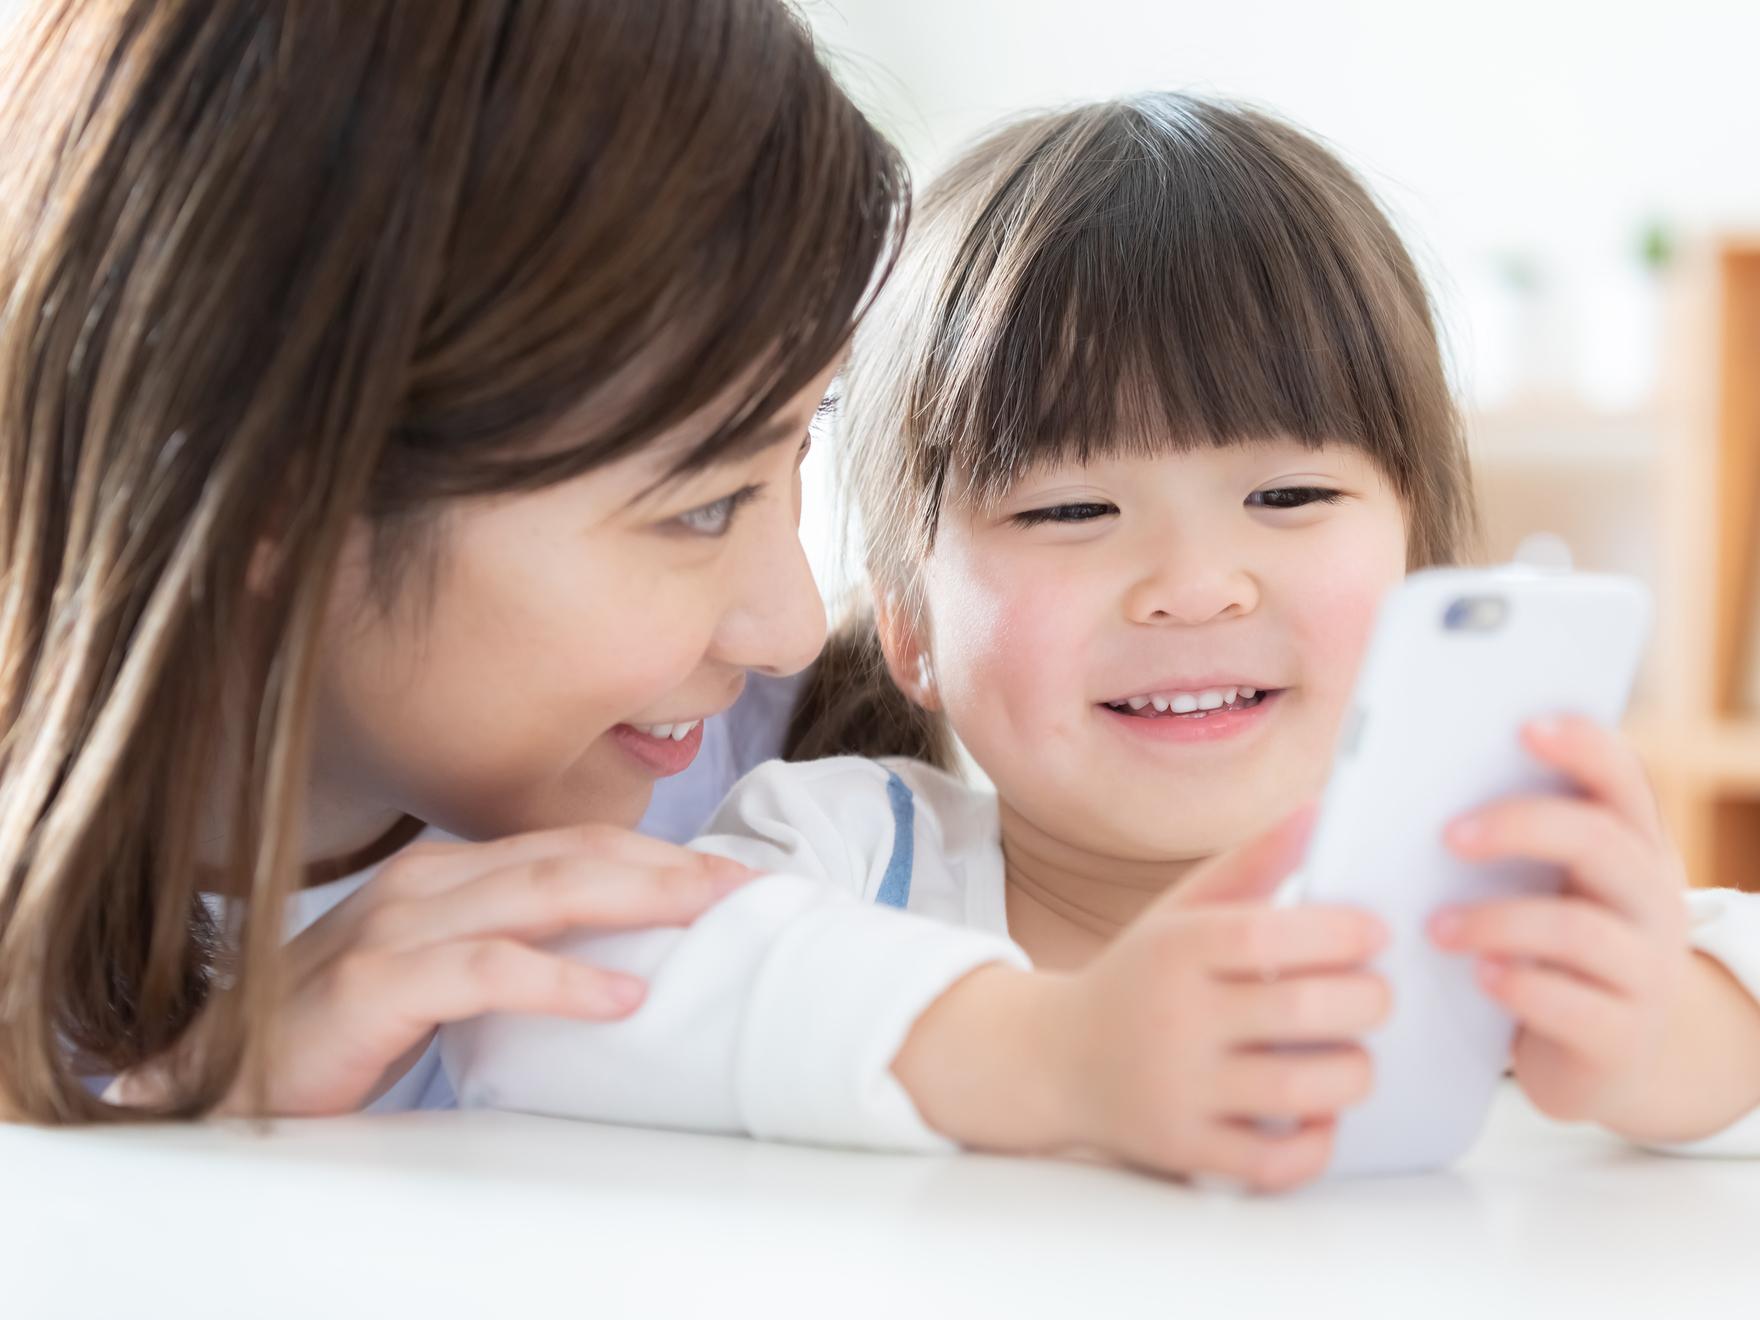 子どものスマホ依存をやめさせたい!「この方法で成功した」5つの対策